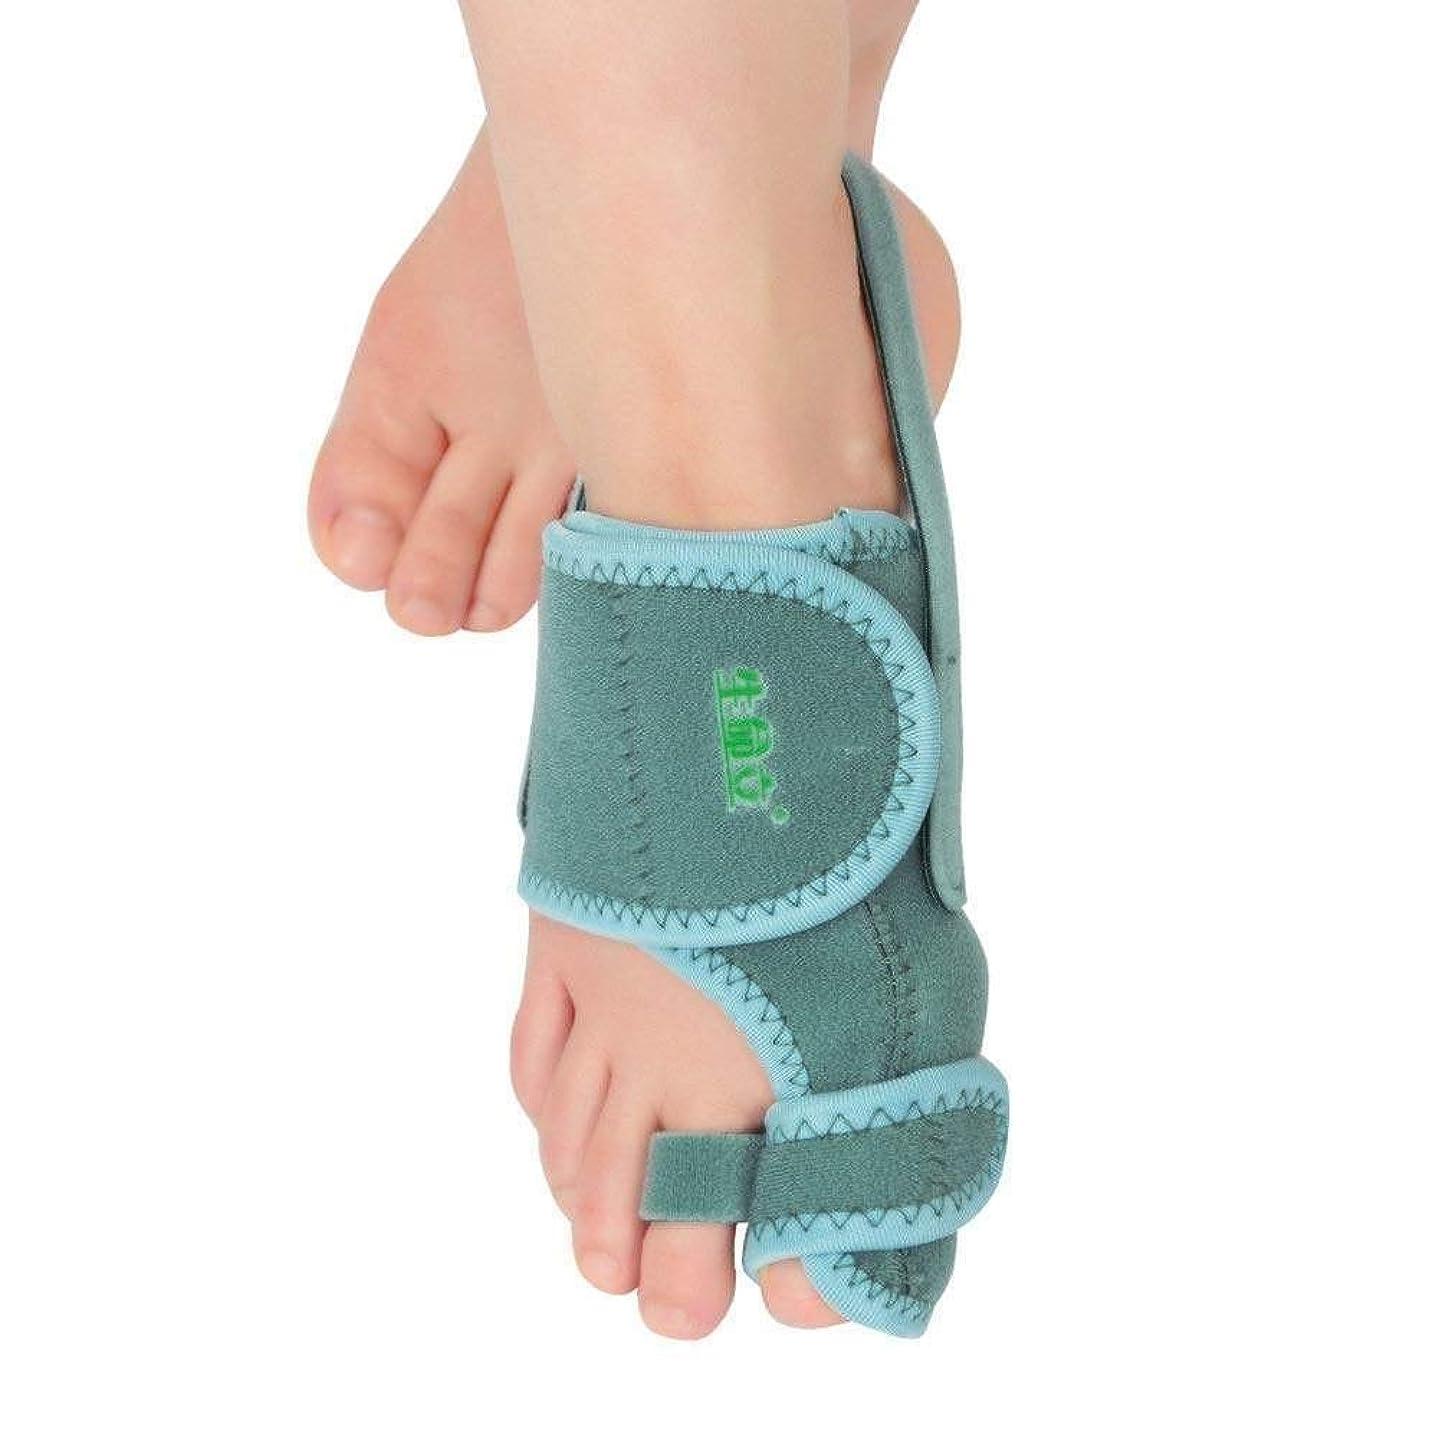 円形のスタンドノーブル外反母ortho装具、女性と男性の足の親指の矯正用セパレーターの腱膜瘤緩和のための夜間親指つま先外反,Left Foot